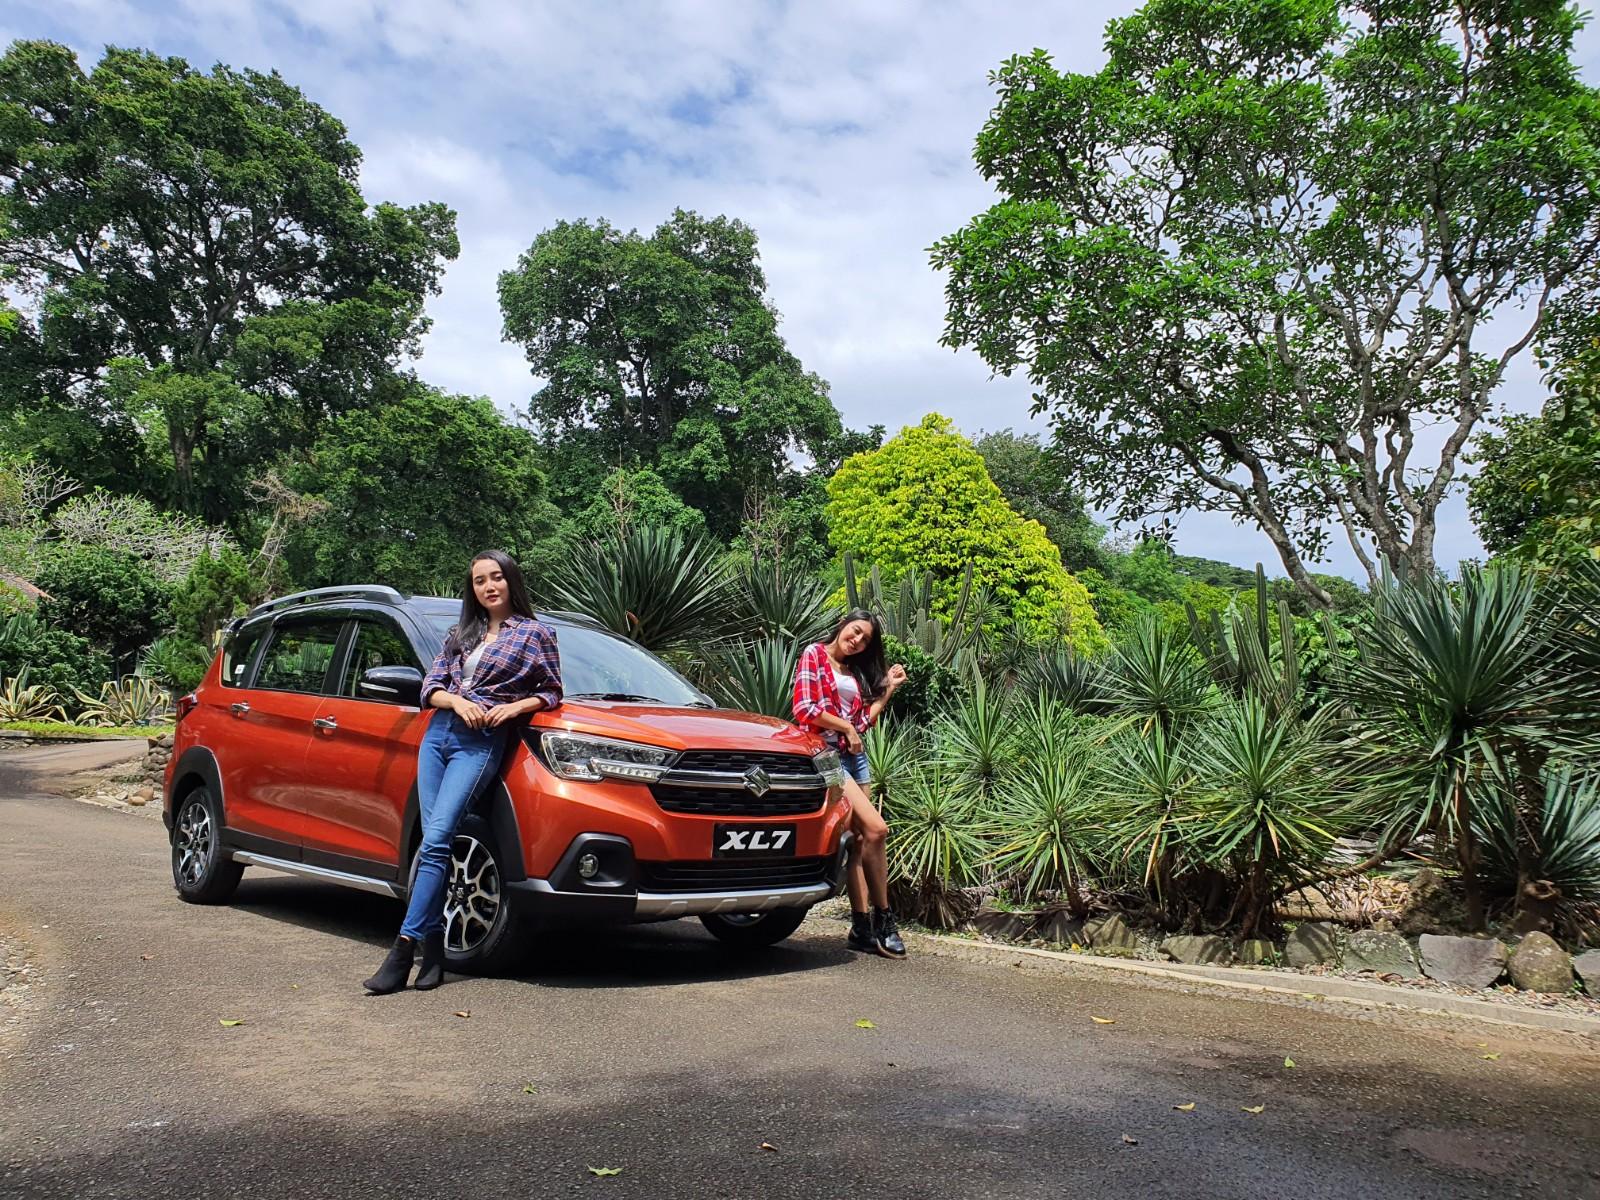 2021, Suzuki Janjikan Banyak Penyegaran Pada Mobil Barunya